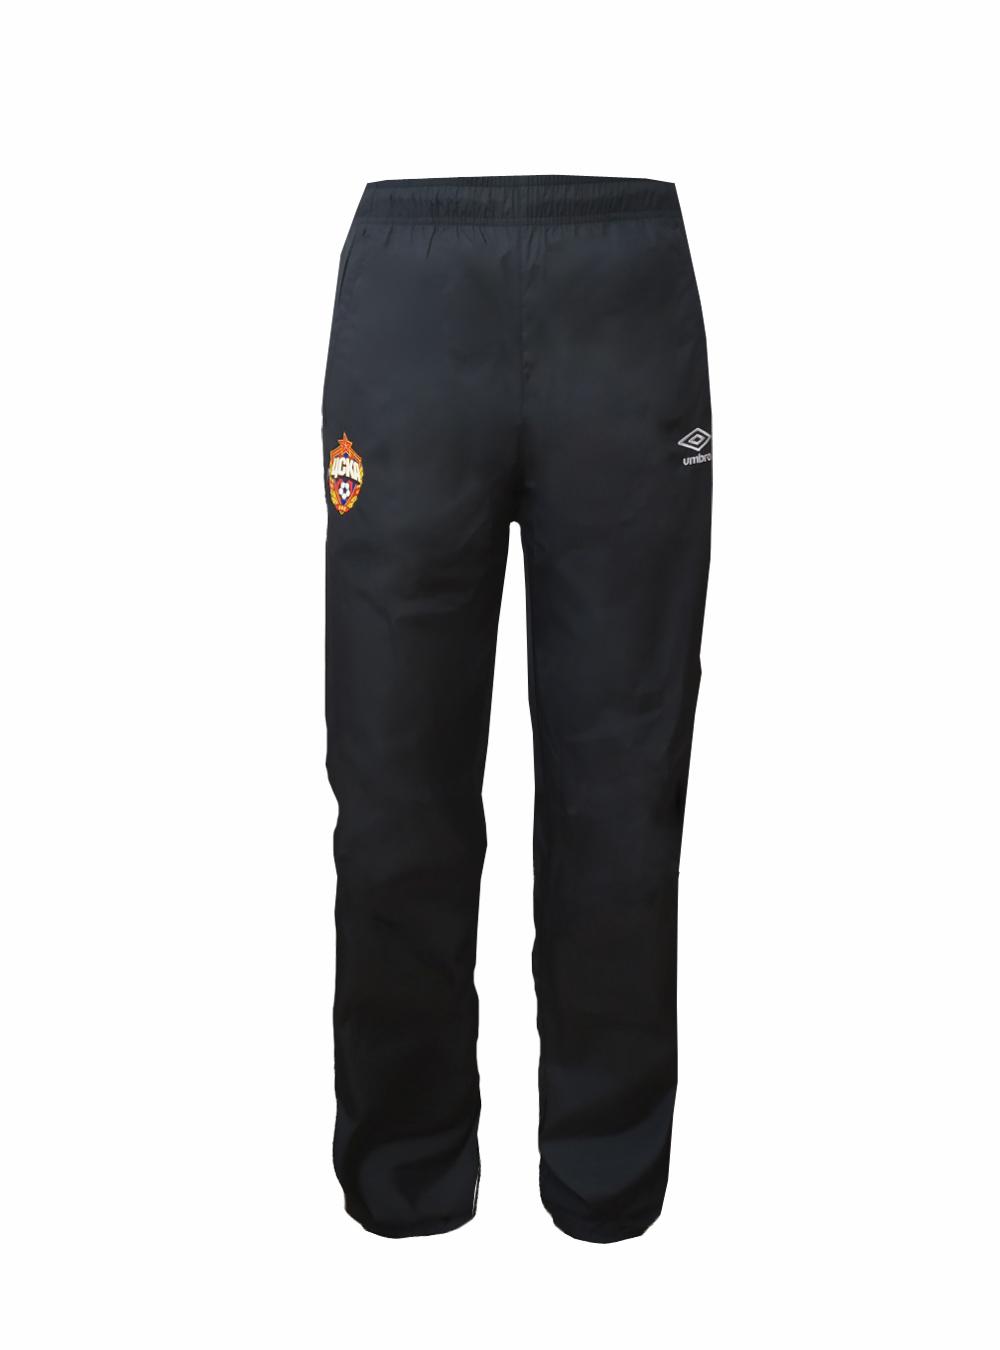 Костюм ветрозащитный (брюки), черный/белый (XL) фото